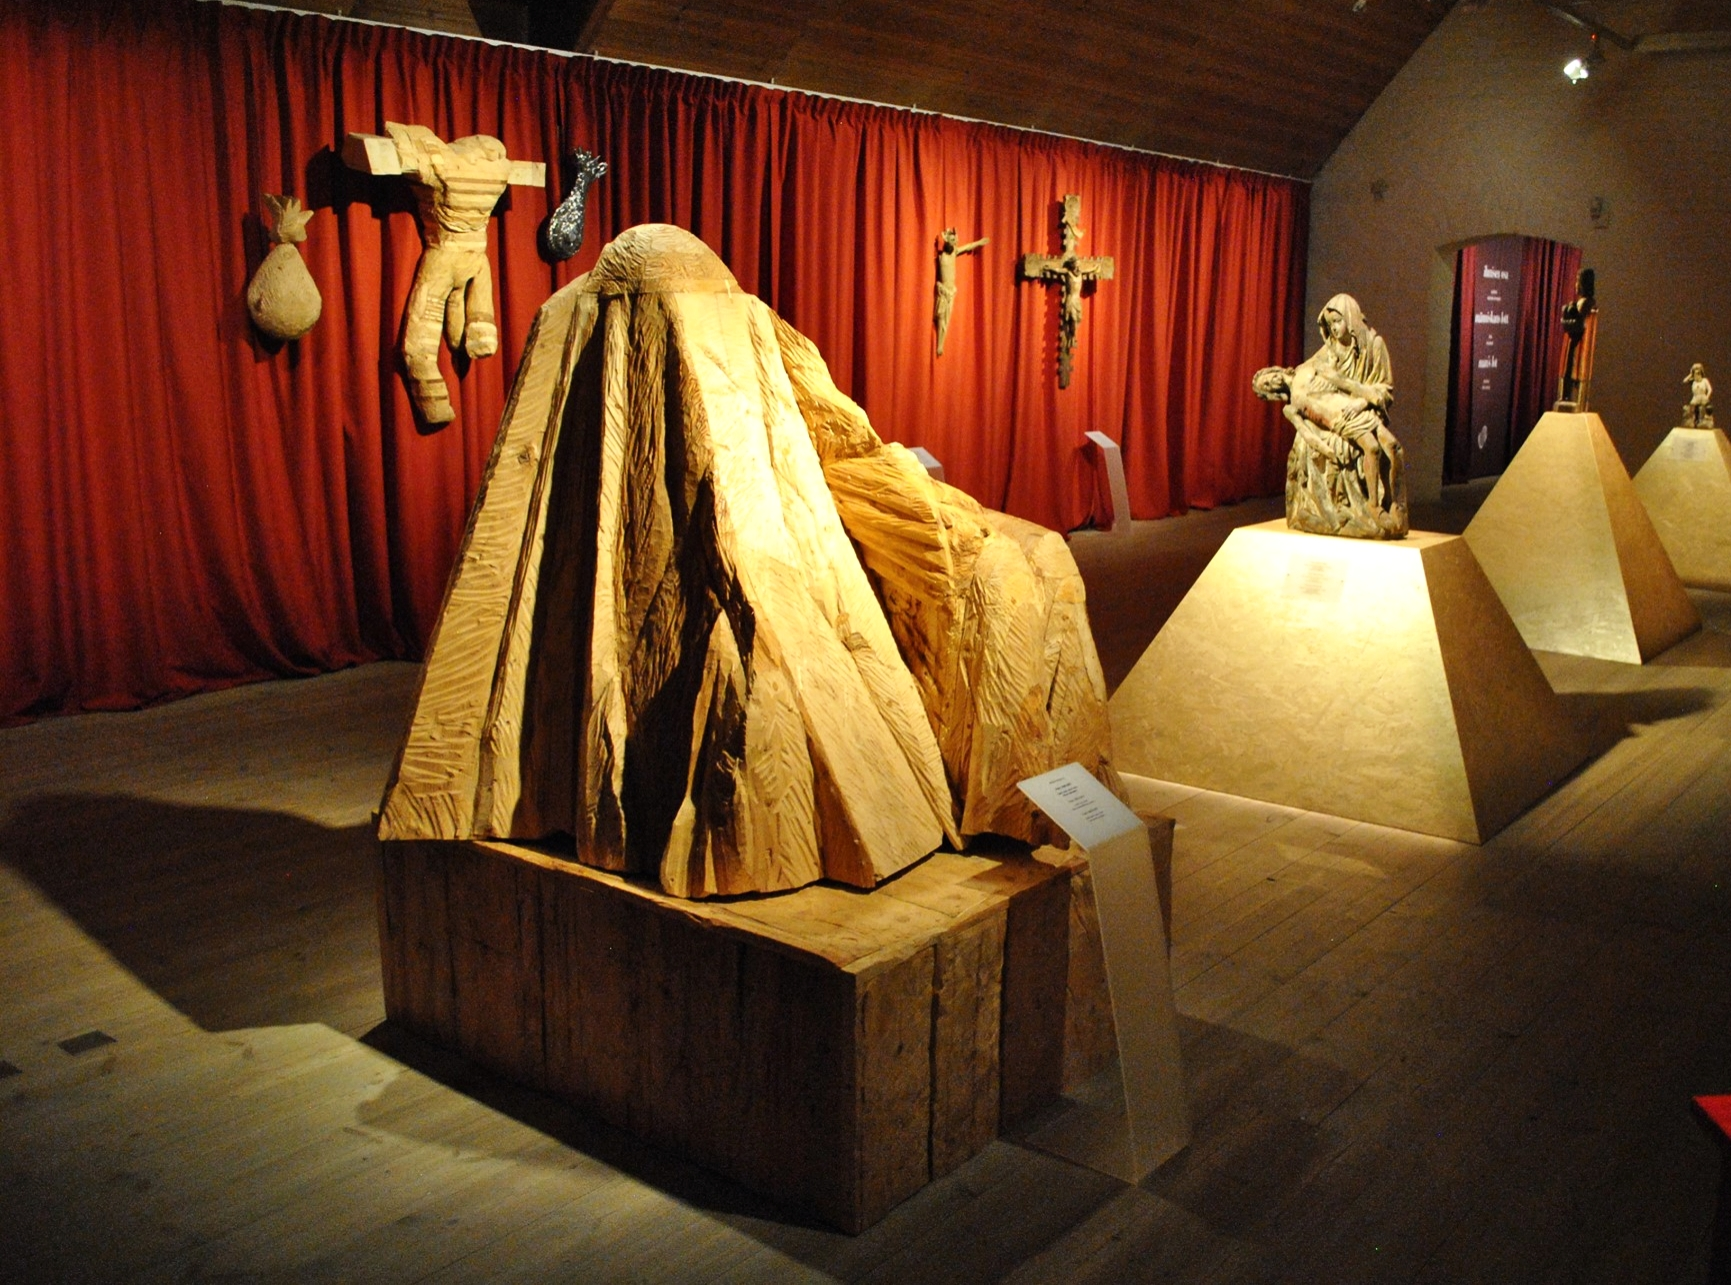 Pyhät ja pakanat  -näyttelyssä vanha ja uusi kohtaavat toisensa ainutlaatuisessa keskustelussa. Etualalla Maija Helasvuon veistoksia. Kuva: Philip Lernammar